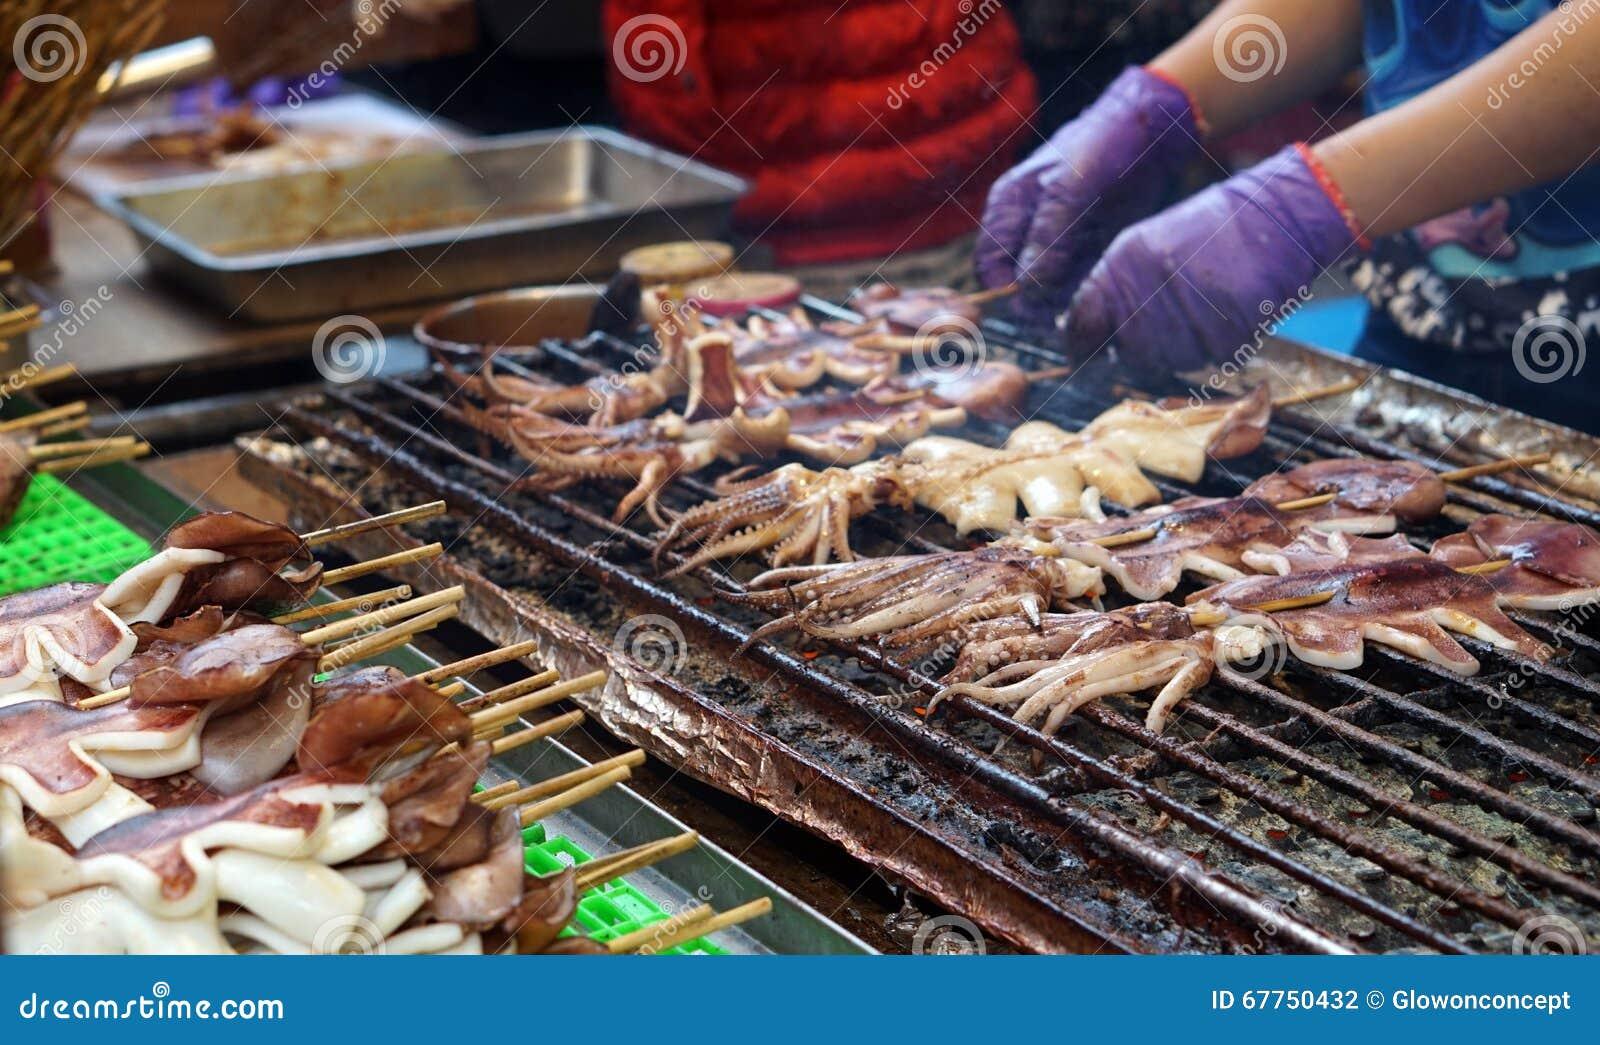 cosas para comer en el mercado nocturno de raohe